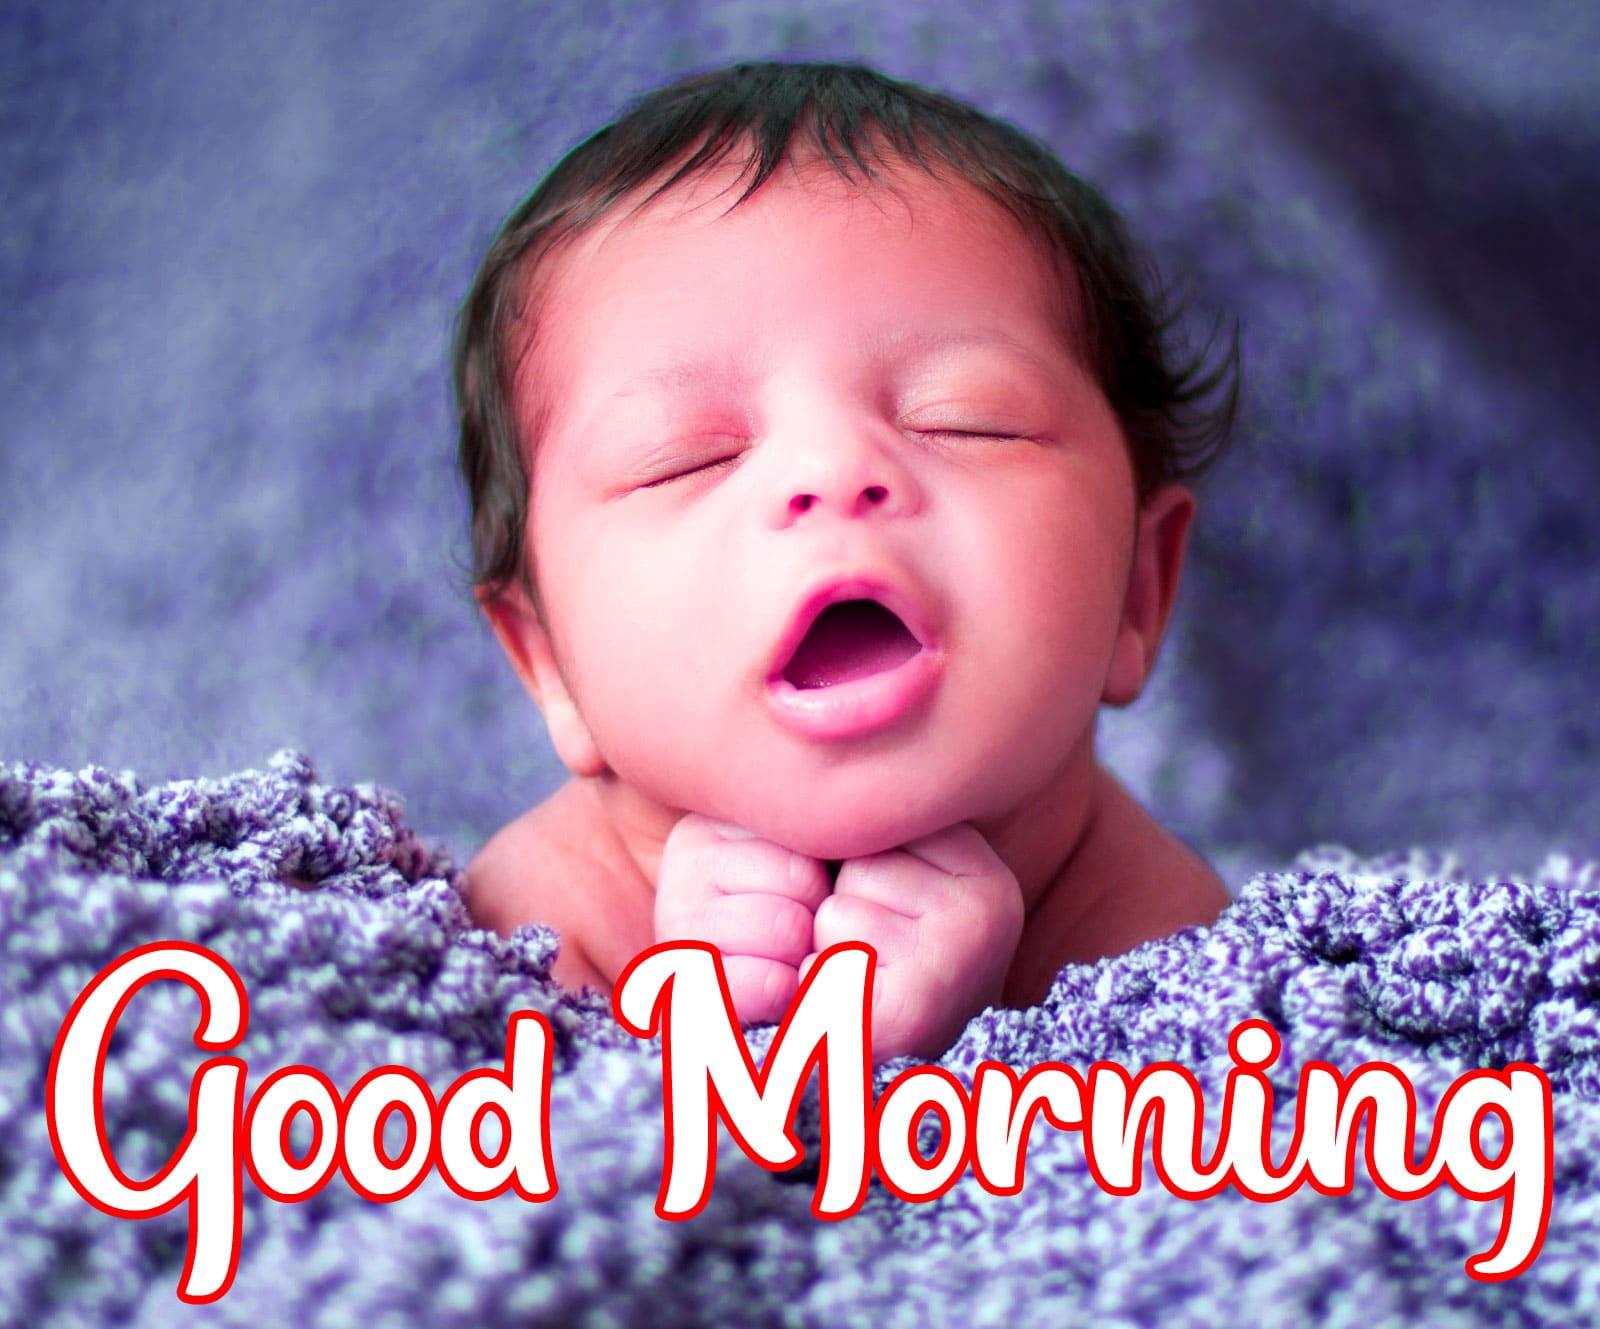 Jesus Pray Good Morning Images 67